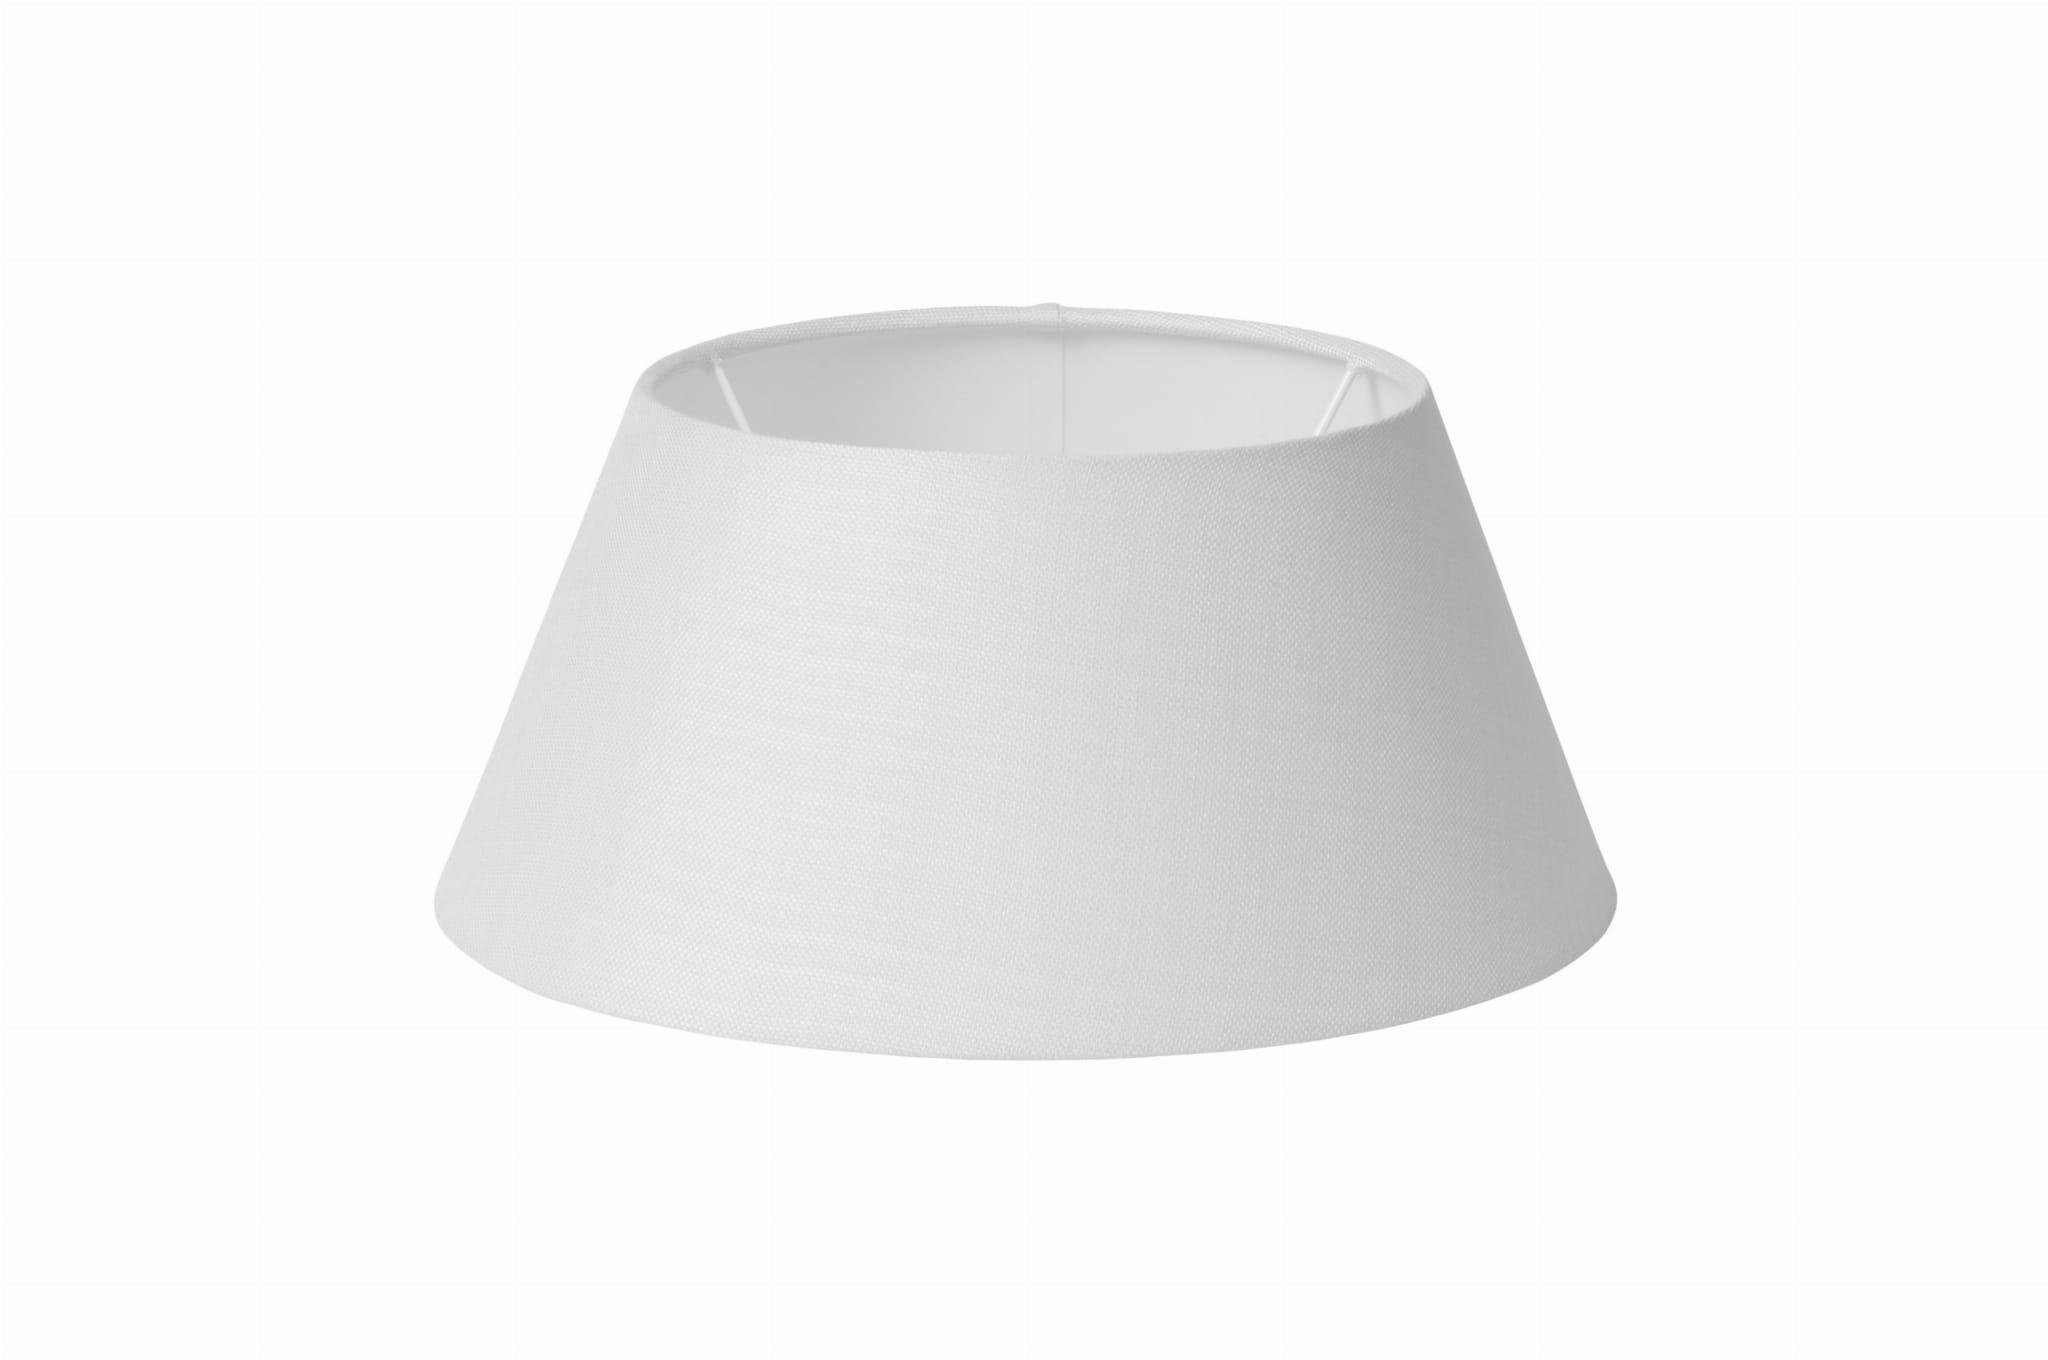 Abażur Klosz Do Lampy Lene Bjerre Biały Lniany ø15 Cm